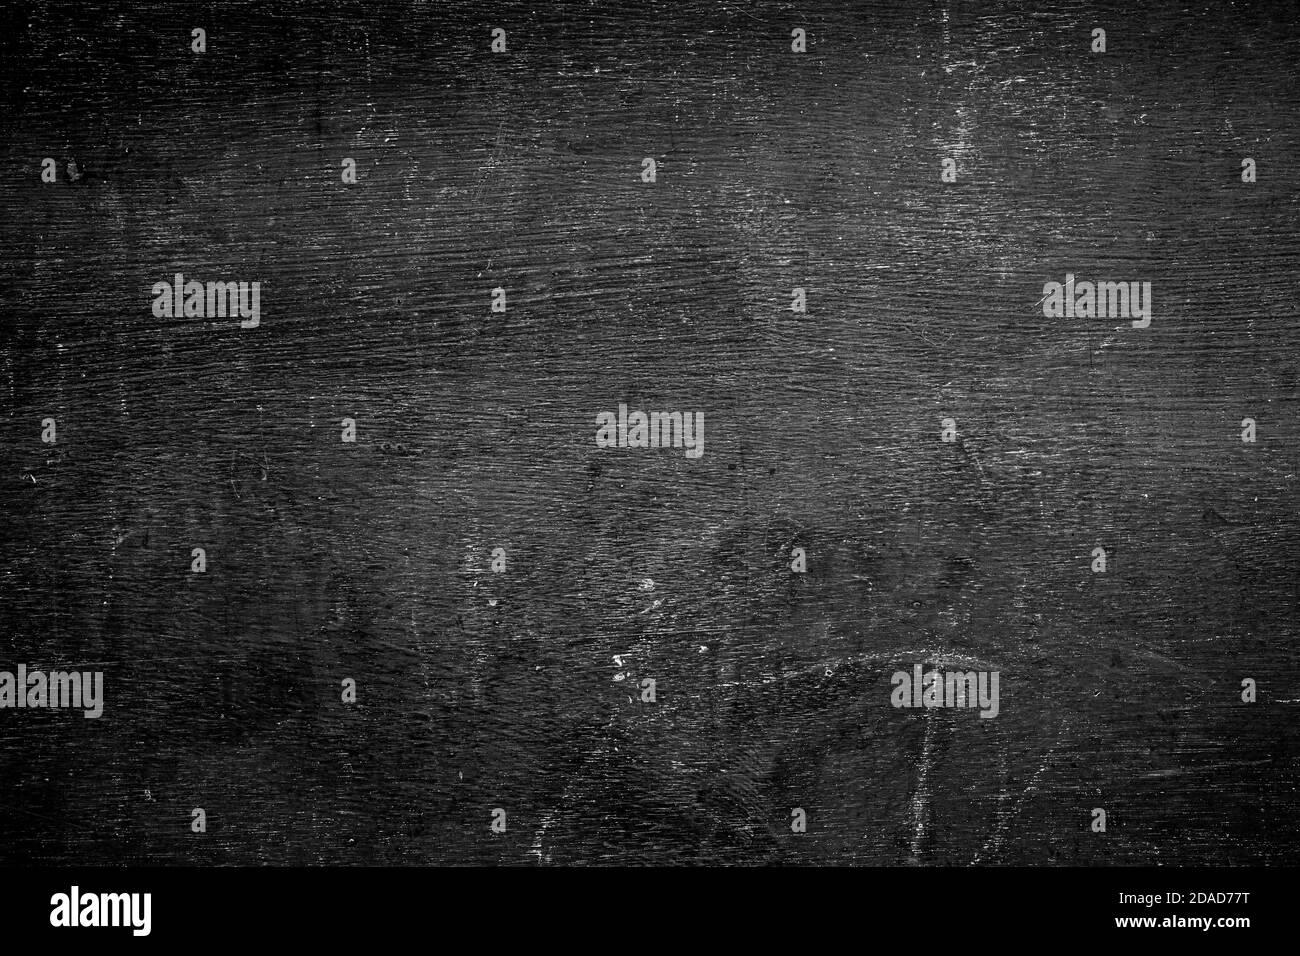 Fronte vuoto sfondo nero reale lavagna texture in concetto college per sfondo bambino torna a scuola per creare bianco gesso testo disegnare grafica. Foto Stock